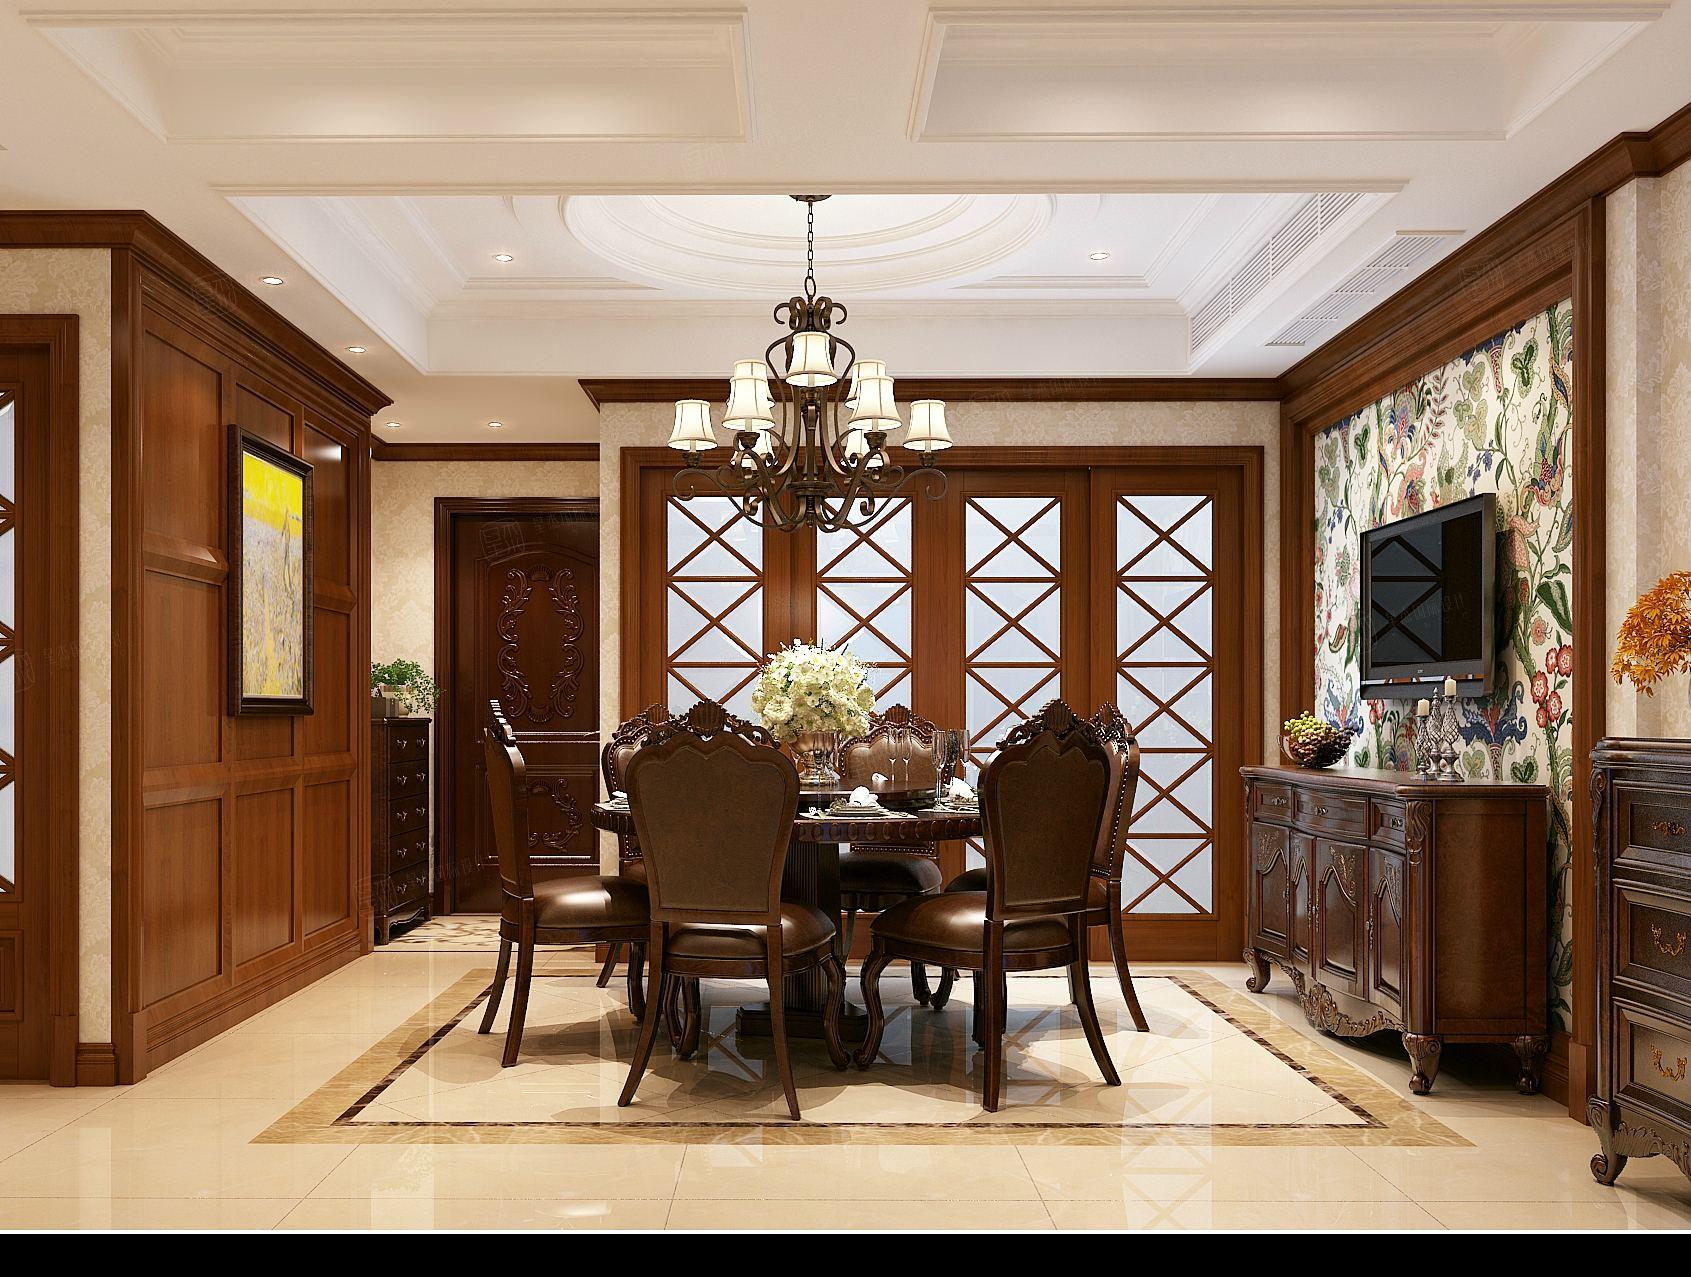 私人别墅 美式装修餐厅效果图